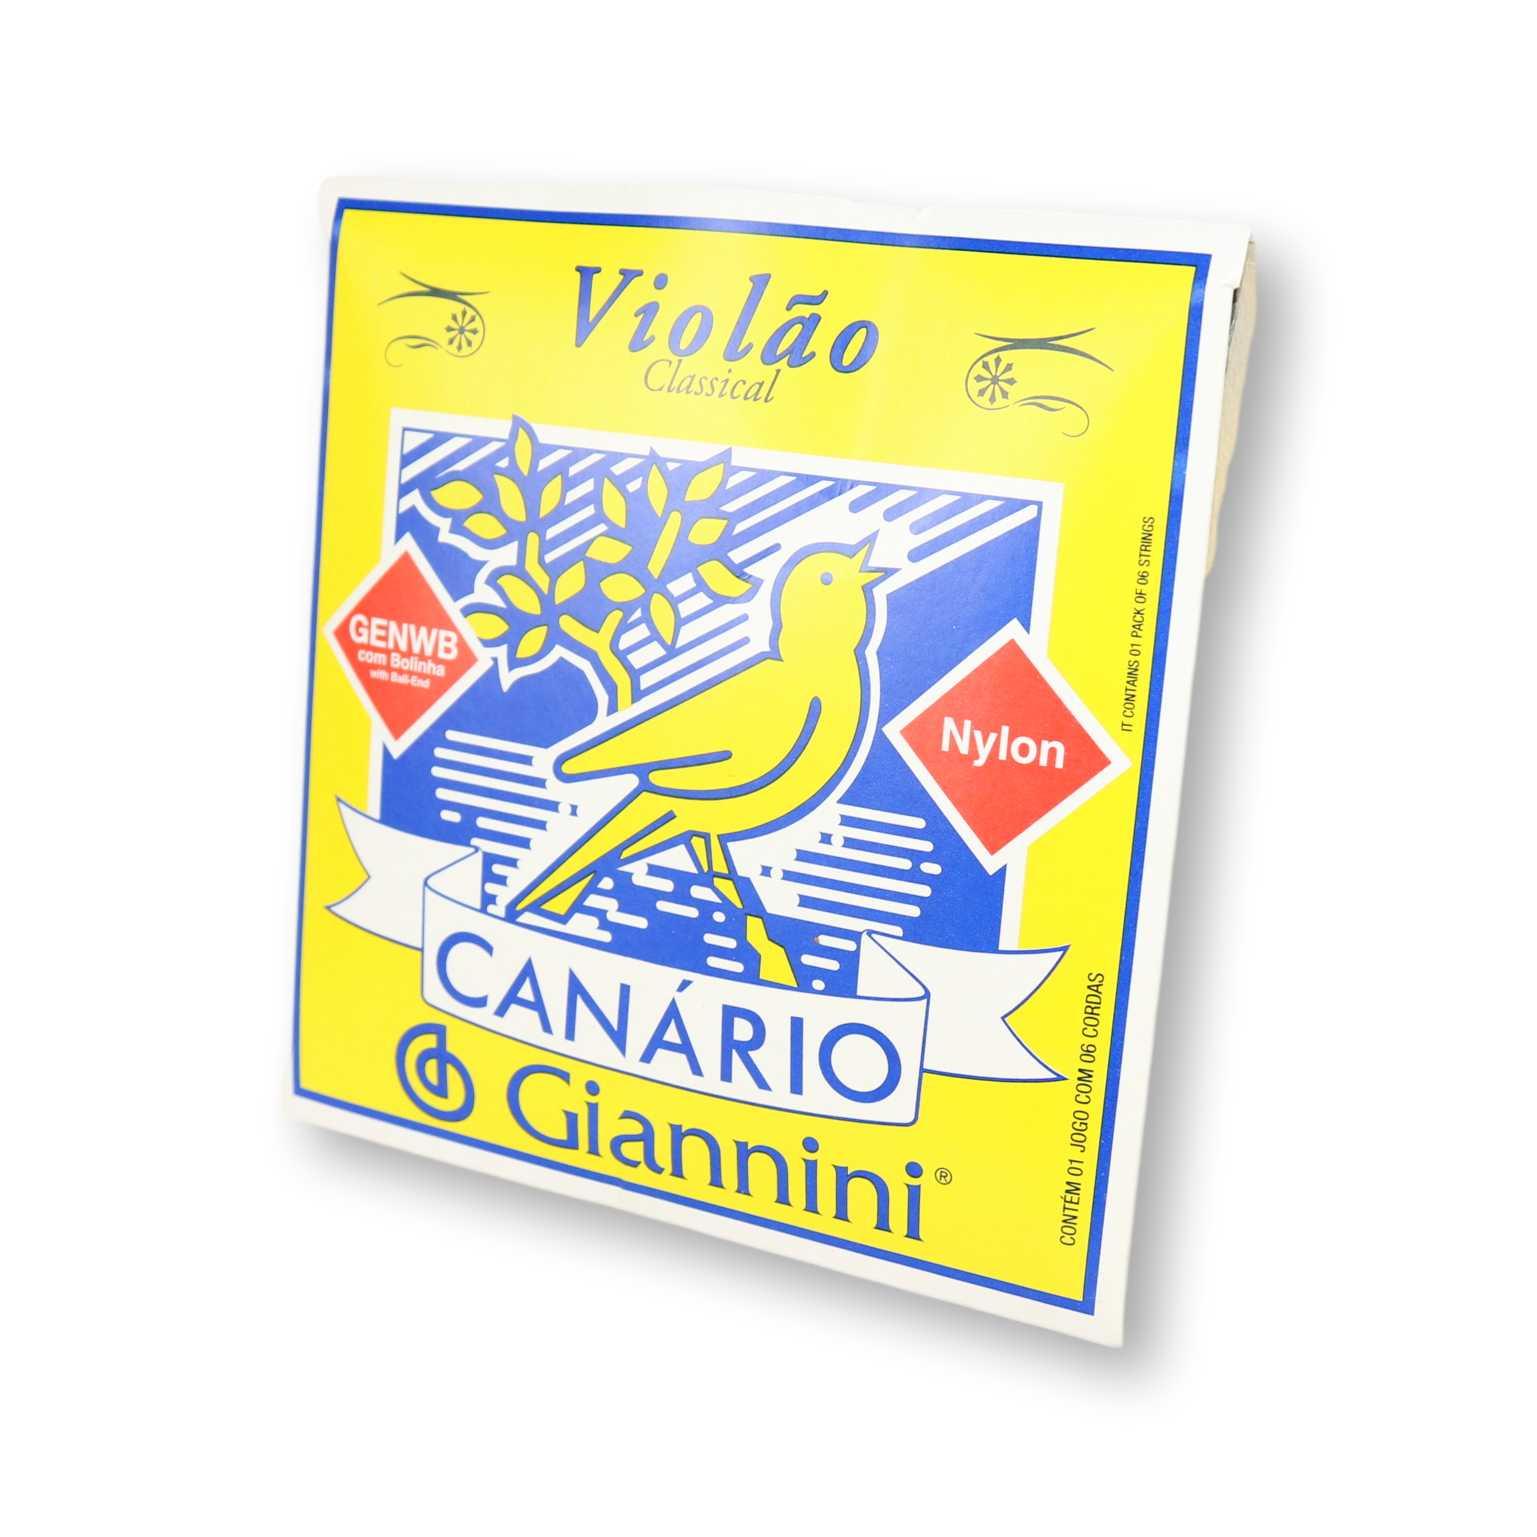 Encordoamento Violão Nylon Canário Tensão Média Cristal Com Bolinha Genwb